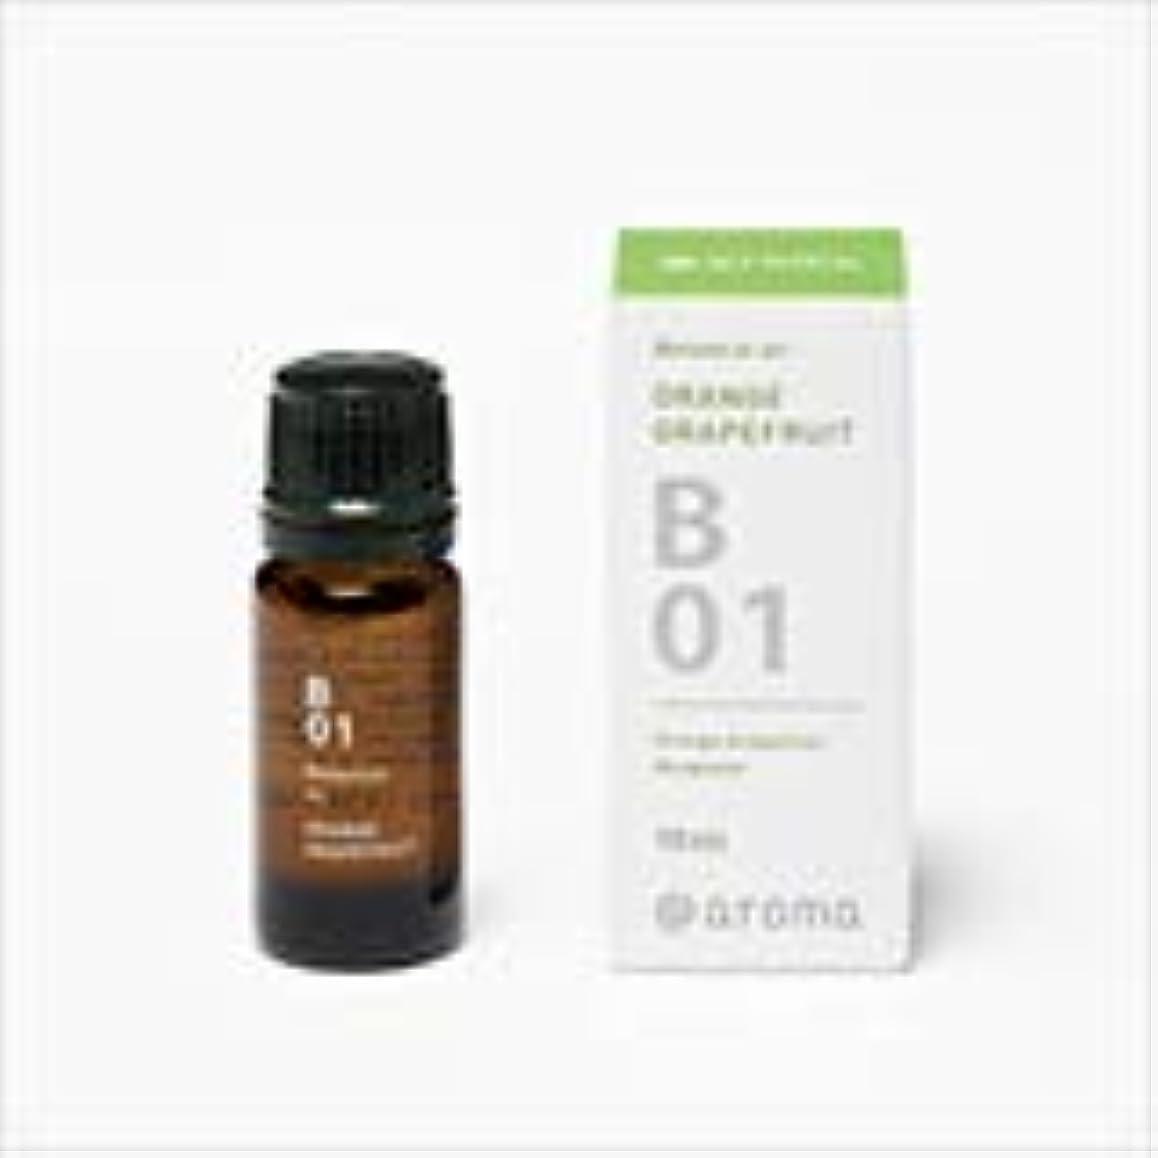 ナチュラル人気中央アットアロマ 100%pure essential oil <Botanical air ジュニパーシダー>